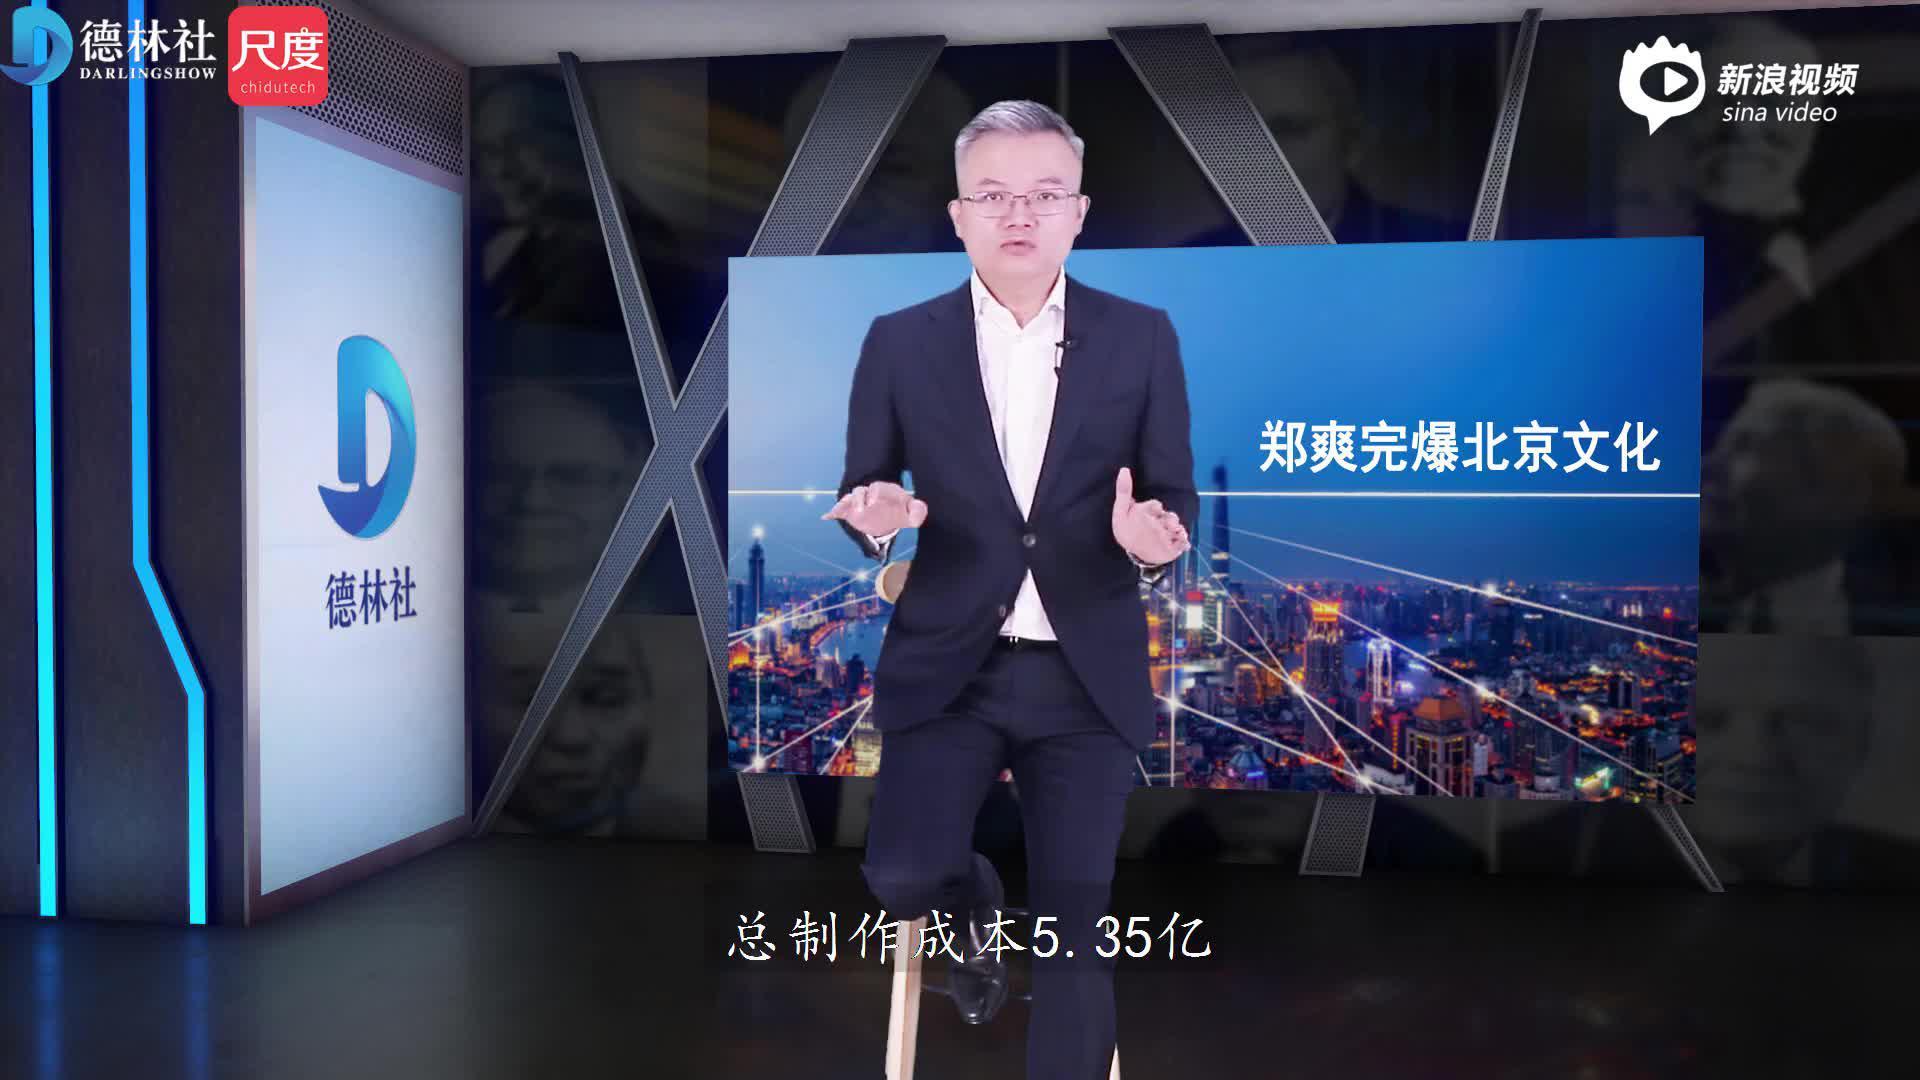 李德林:郑爽完爆北京文化